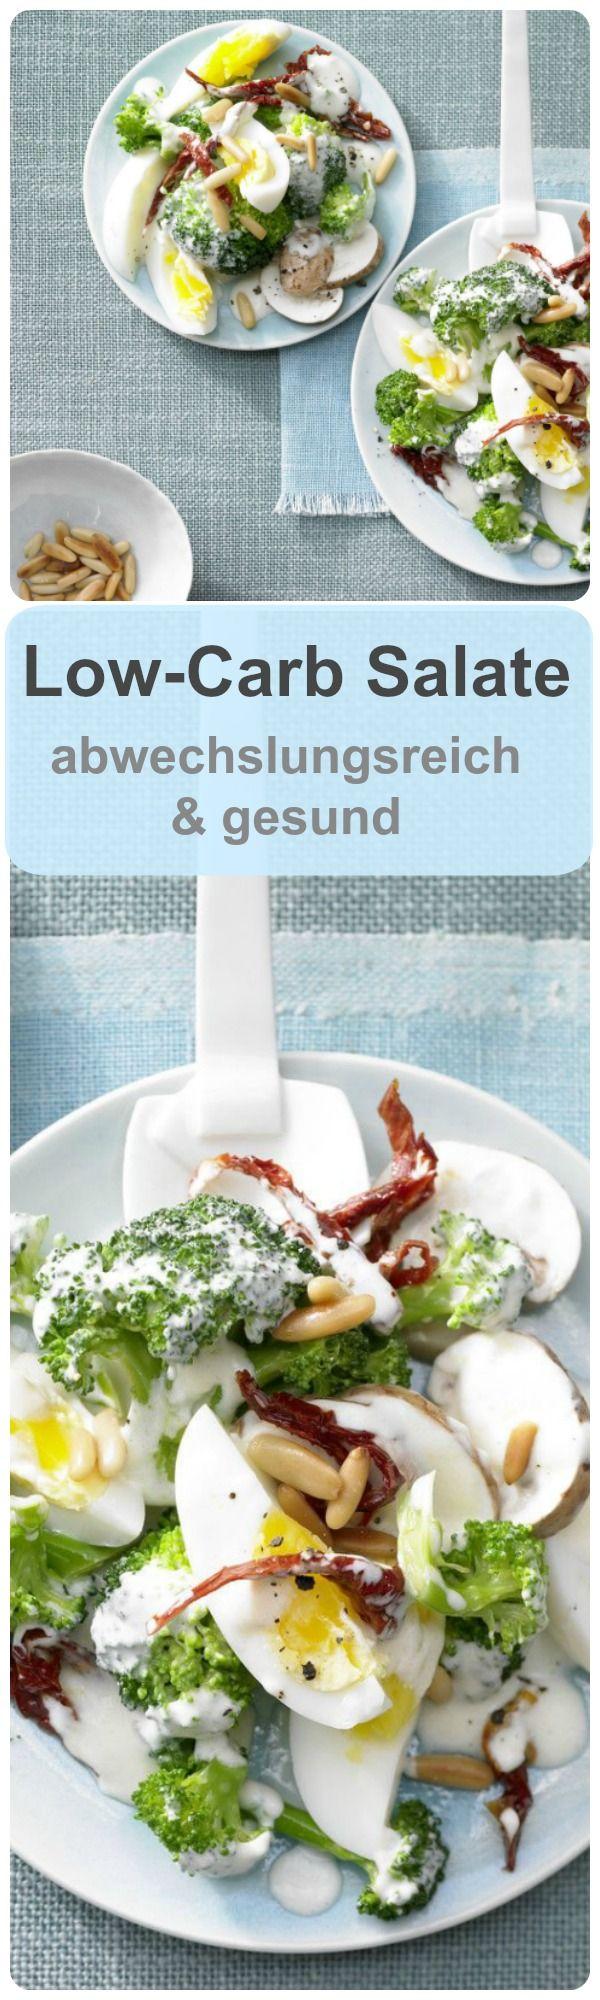 Unsere Low-Carb Salate sind immer eine gesunde und leckere Mahlzeit, ob im Büro oder abends nach der Arbeit. Rezepte finden Sie auf eatsmarter.de